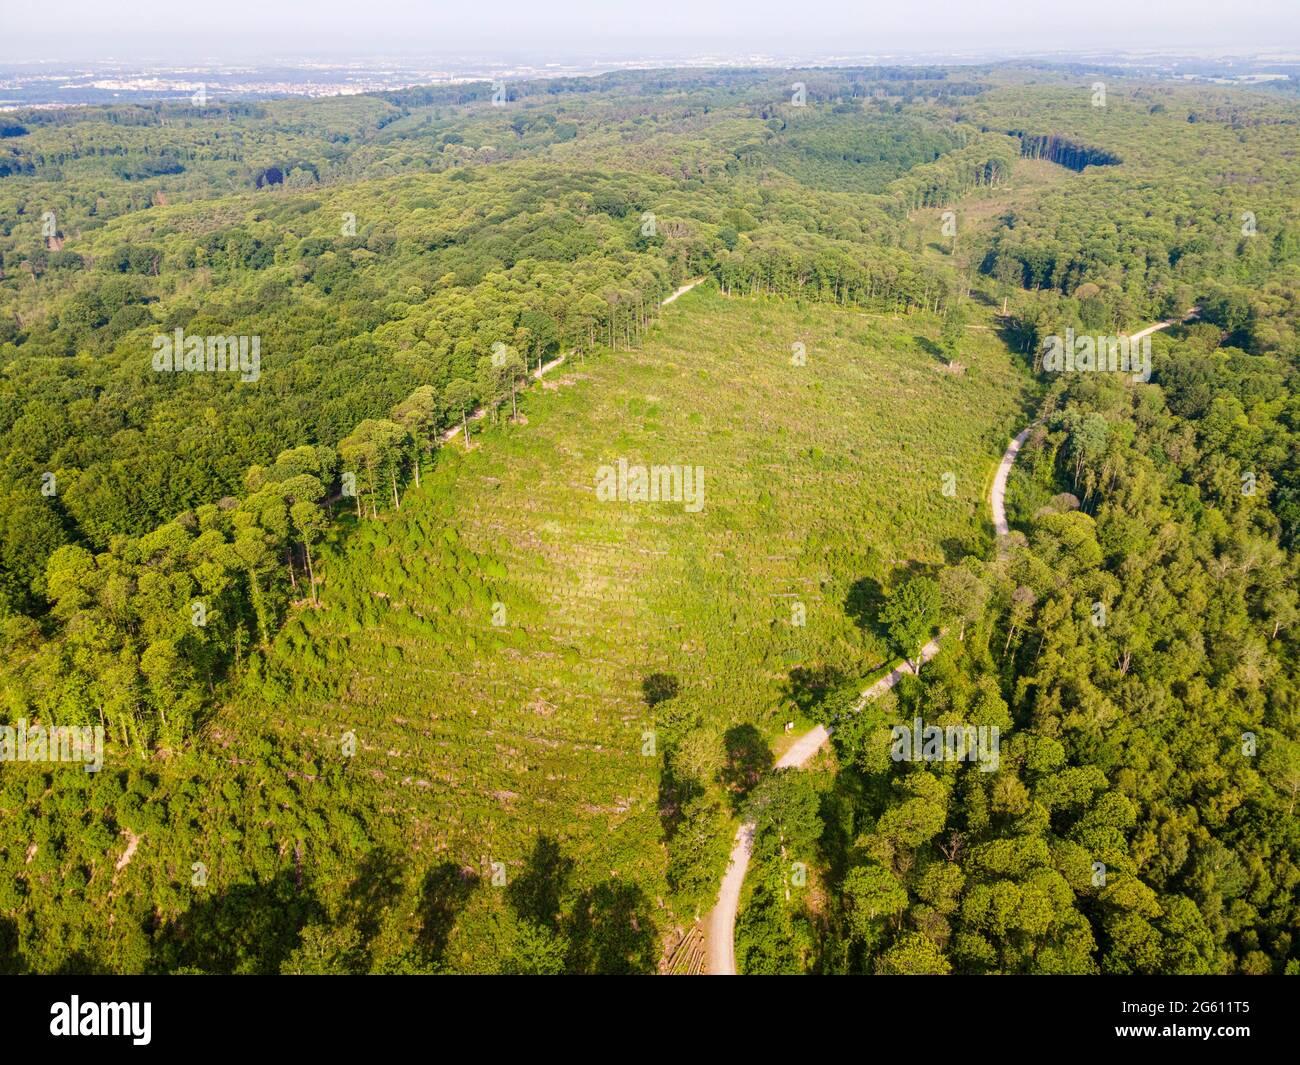 France, Val d'Oise, Forêt de Montmorency, jeunes chênes, parcelle 73 (vue aérienne) Banque D'Images